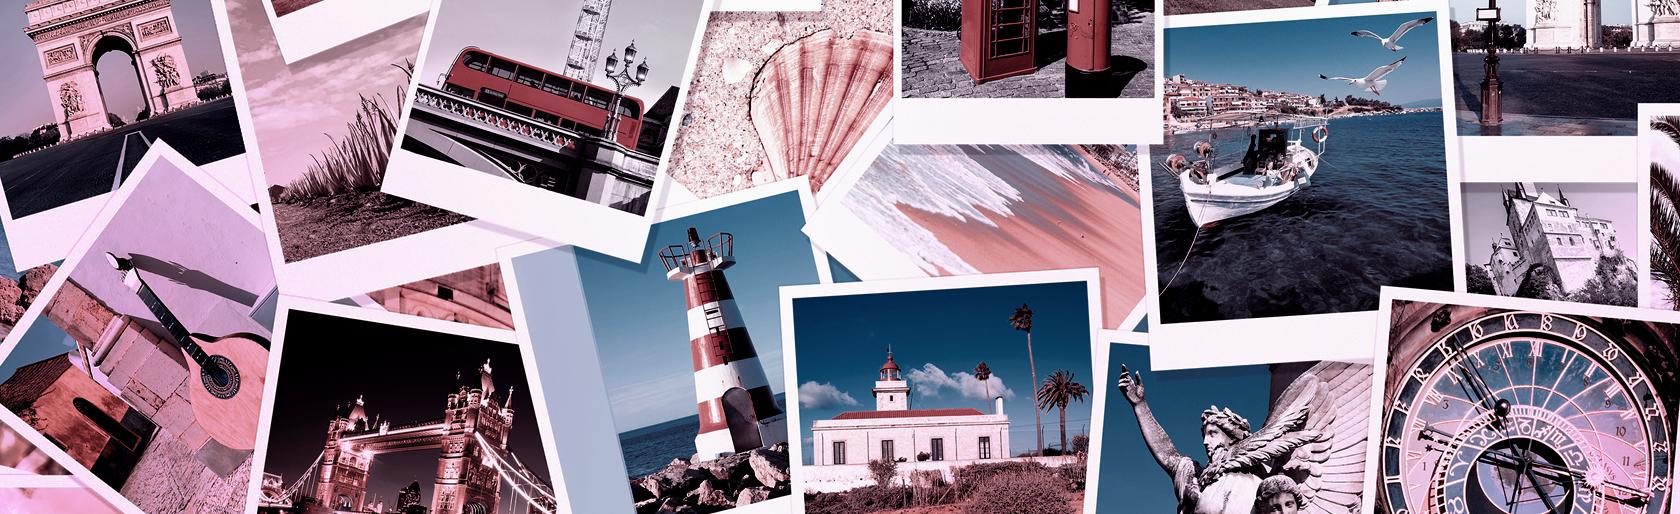 Banco de imagens gratuitas para sua apresentação – Parte 2